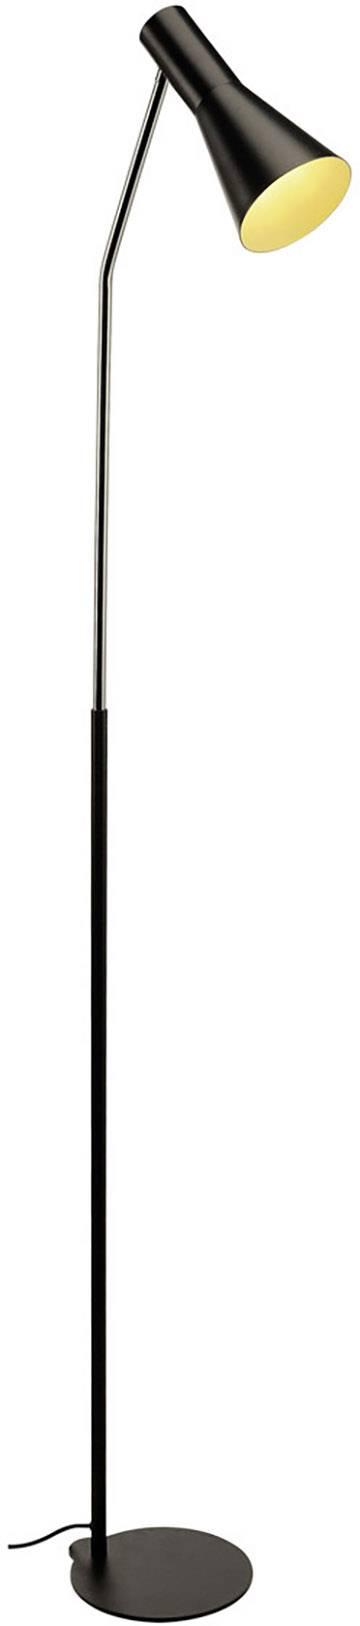 Stojanová lampa halogenová žárovka, LED E27 23 W SLV Phelia 146010 černá